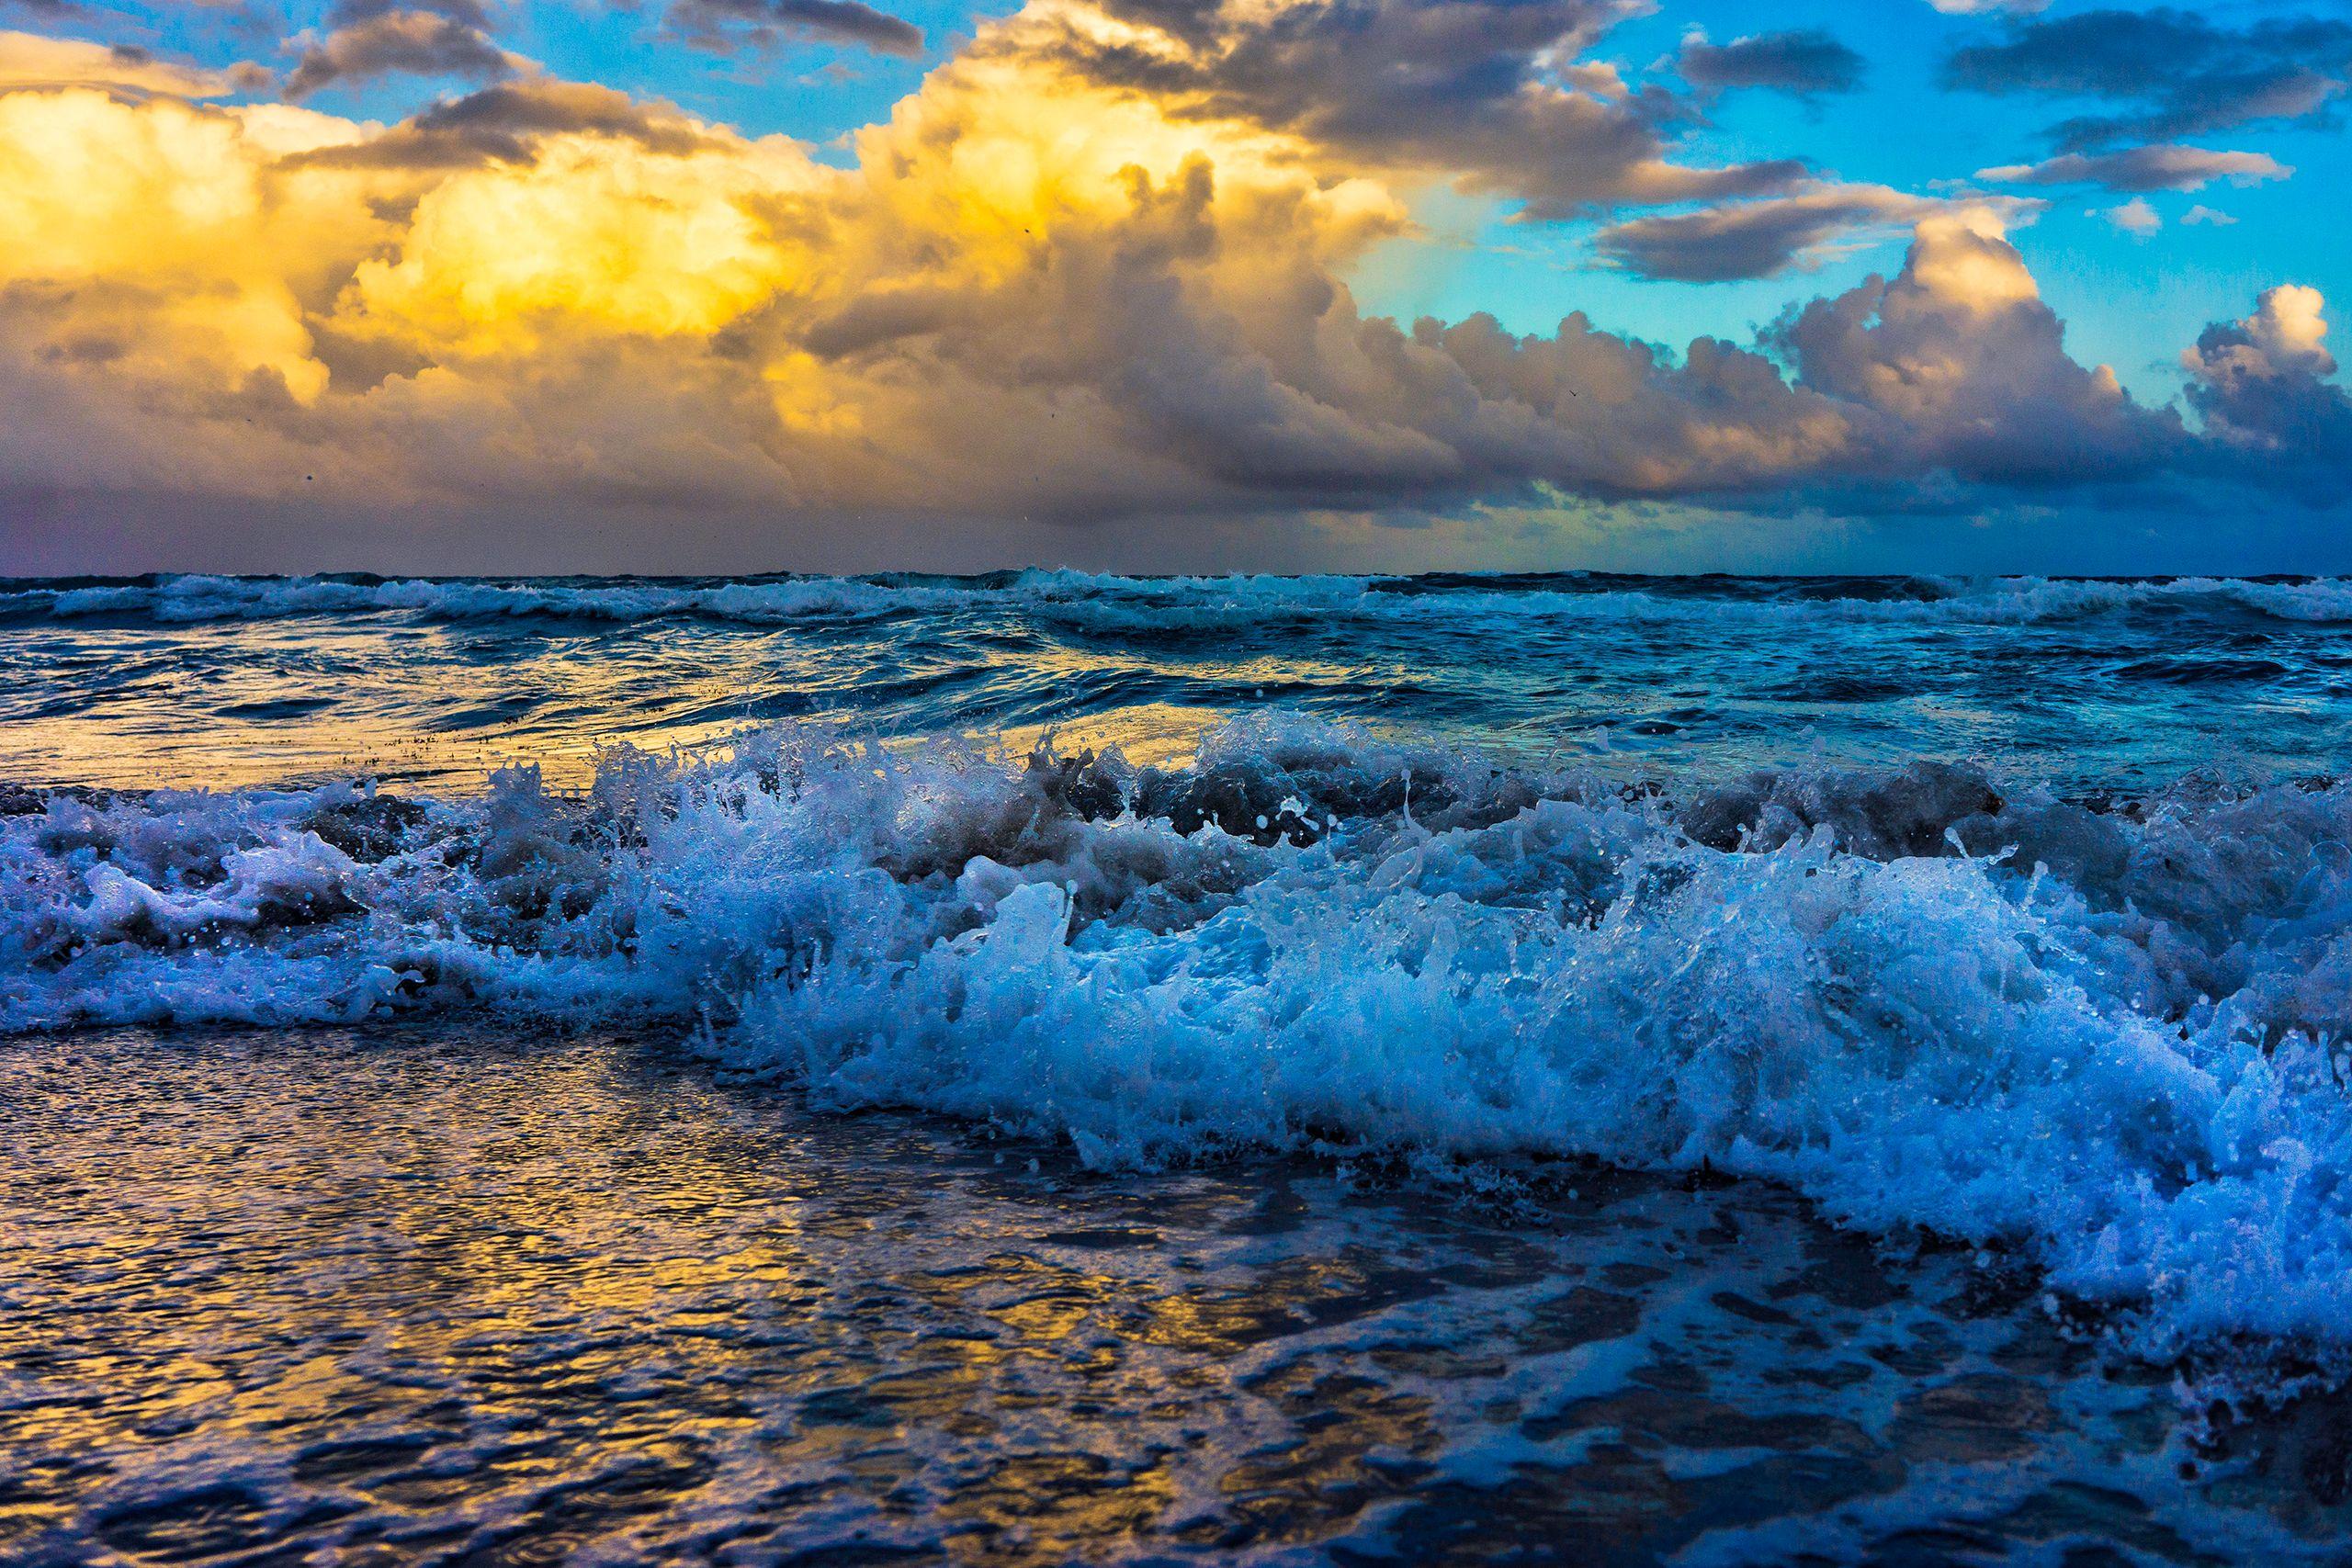 VIBRANT SEA